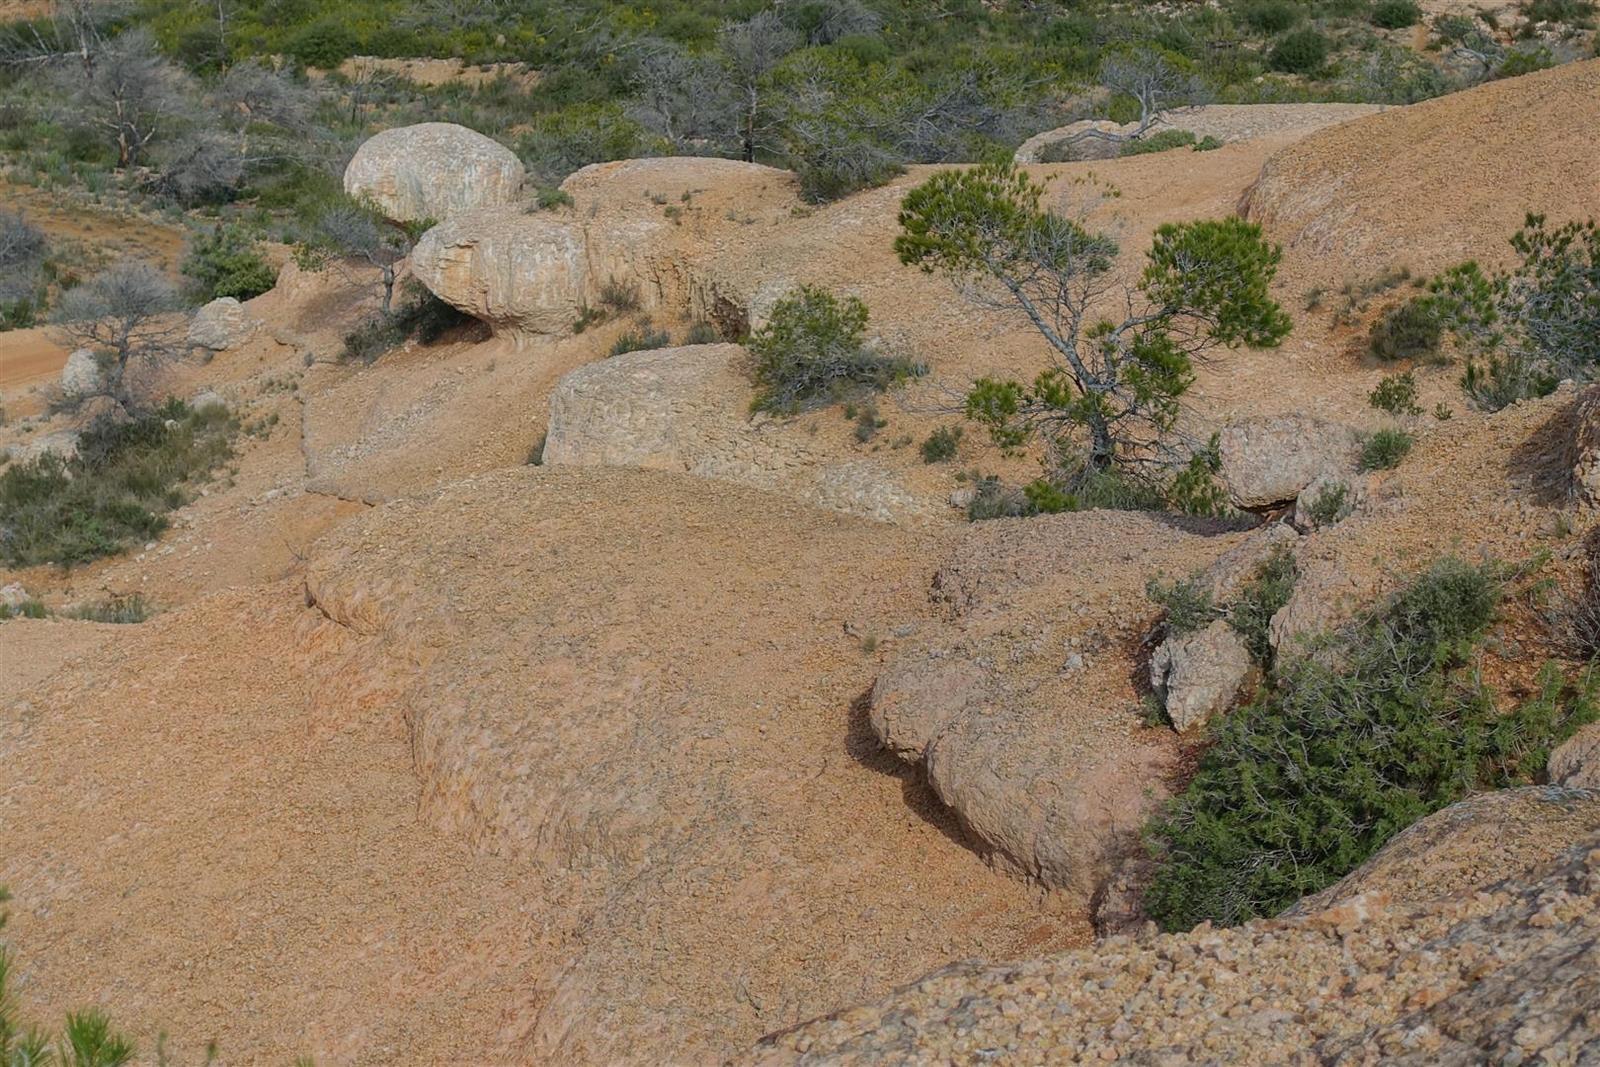 un petit air de grès du Colorado ou de robines dignoises